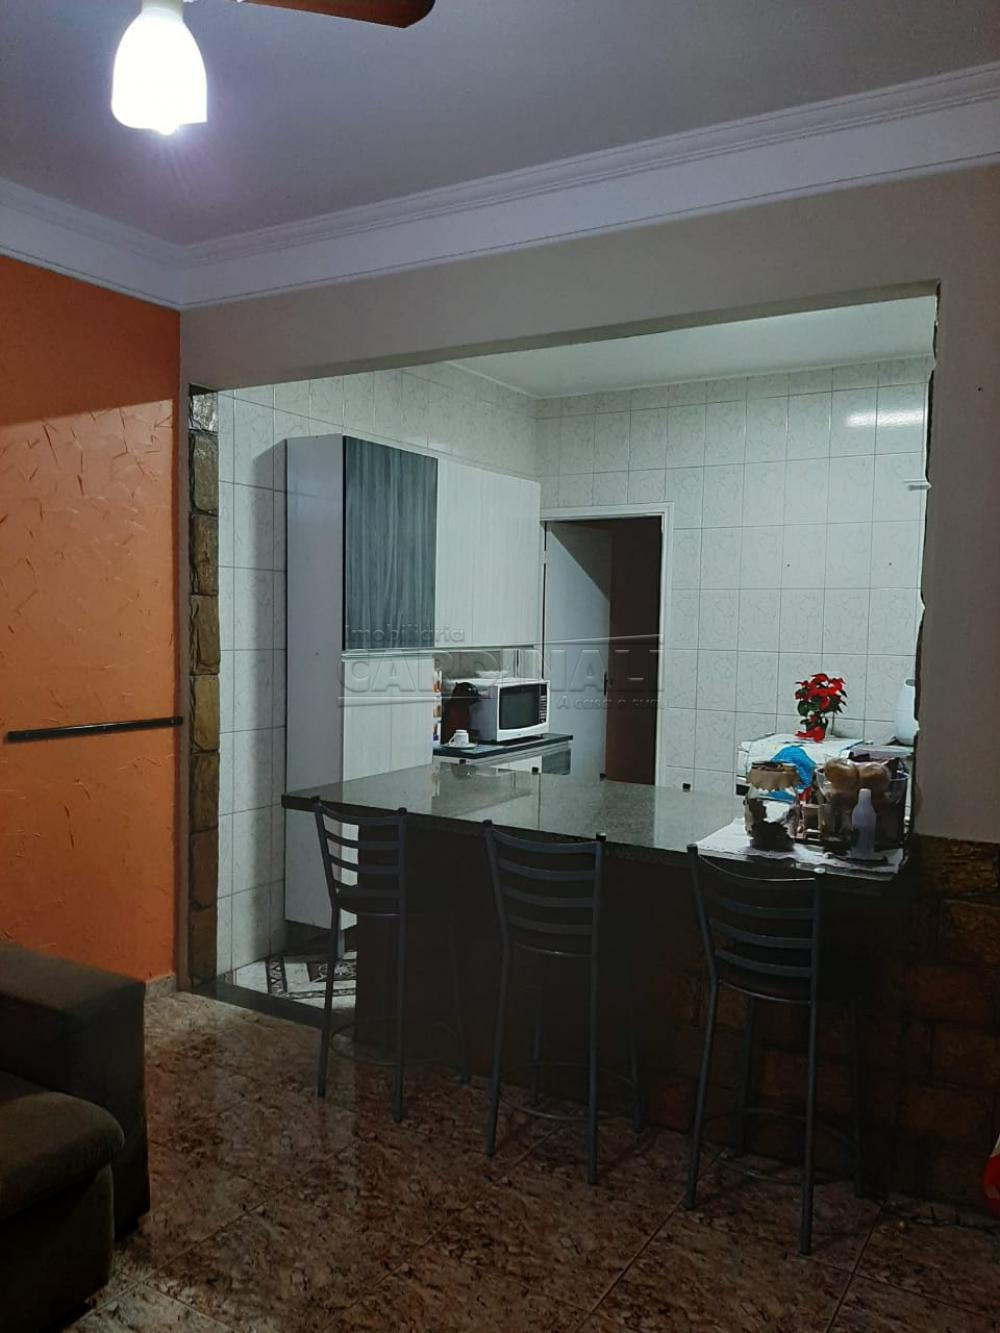 Comprar Casa / Padrão em São Carlos apenas R$ 373.000,00 - Foto 6